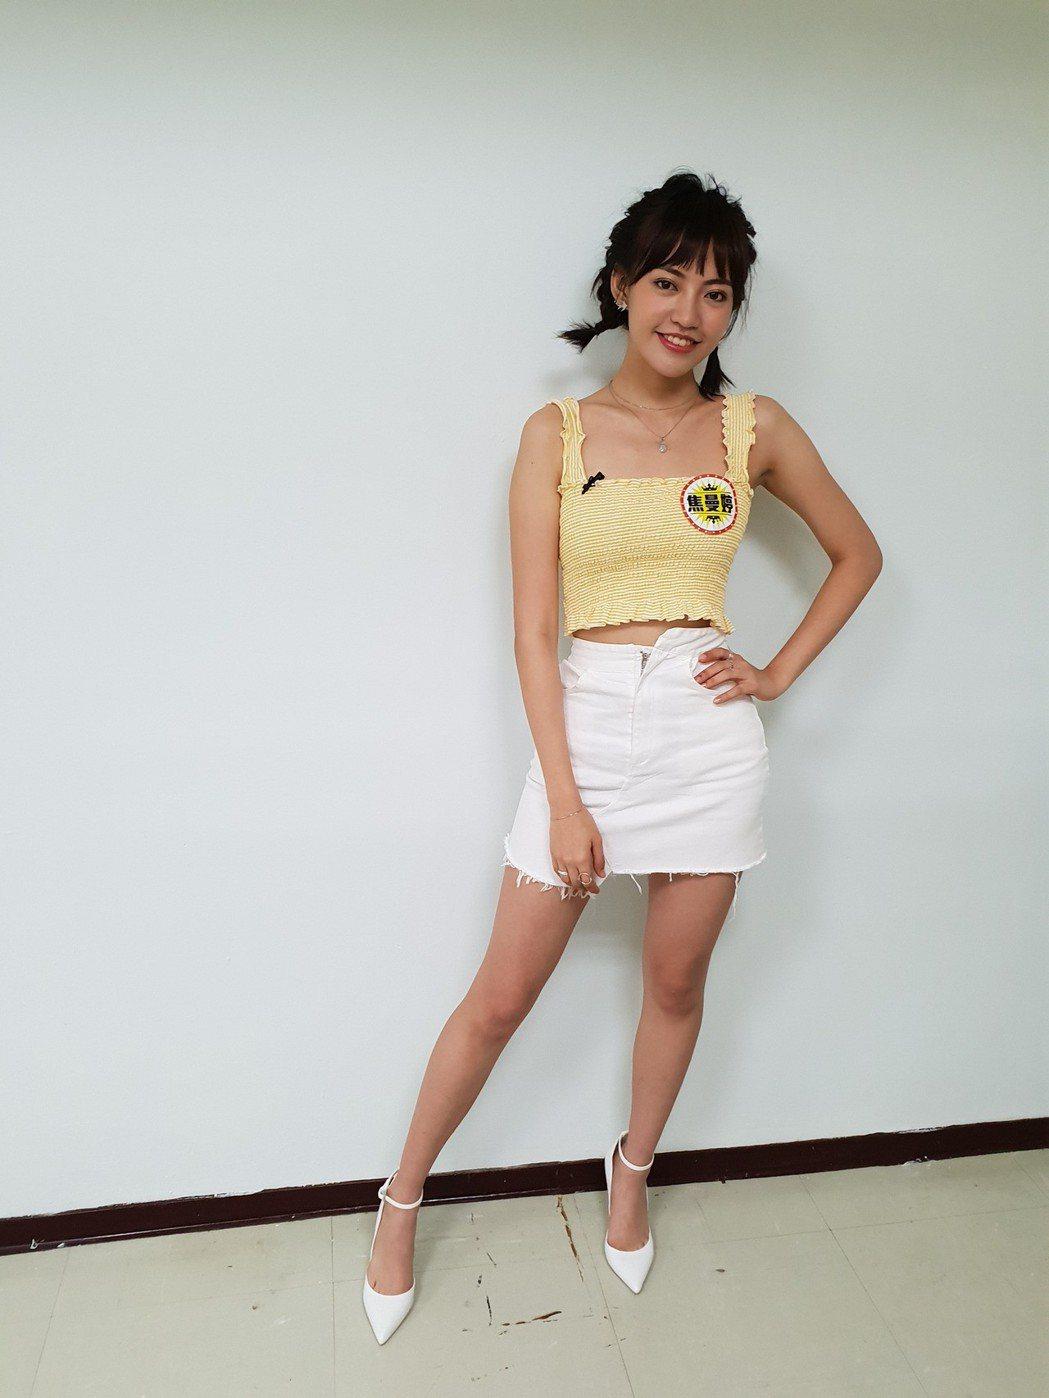 焦曼婷有172公分的高挑身材。記者李姿瑩/攝影